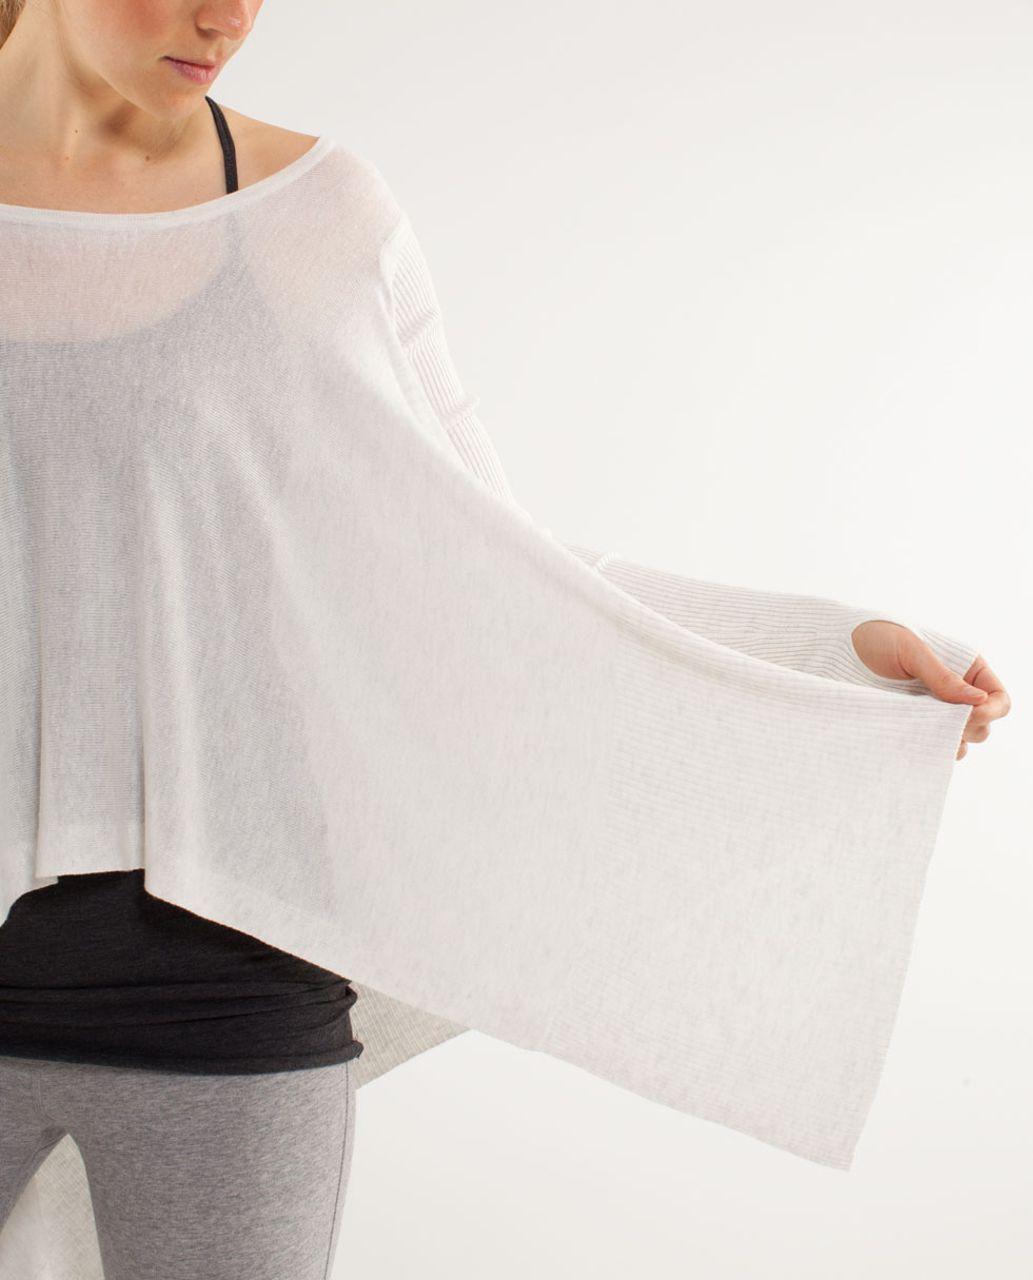 Lululemon Enlightened Pullover - Heathered White